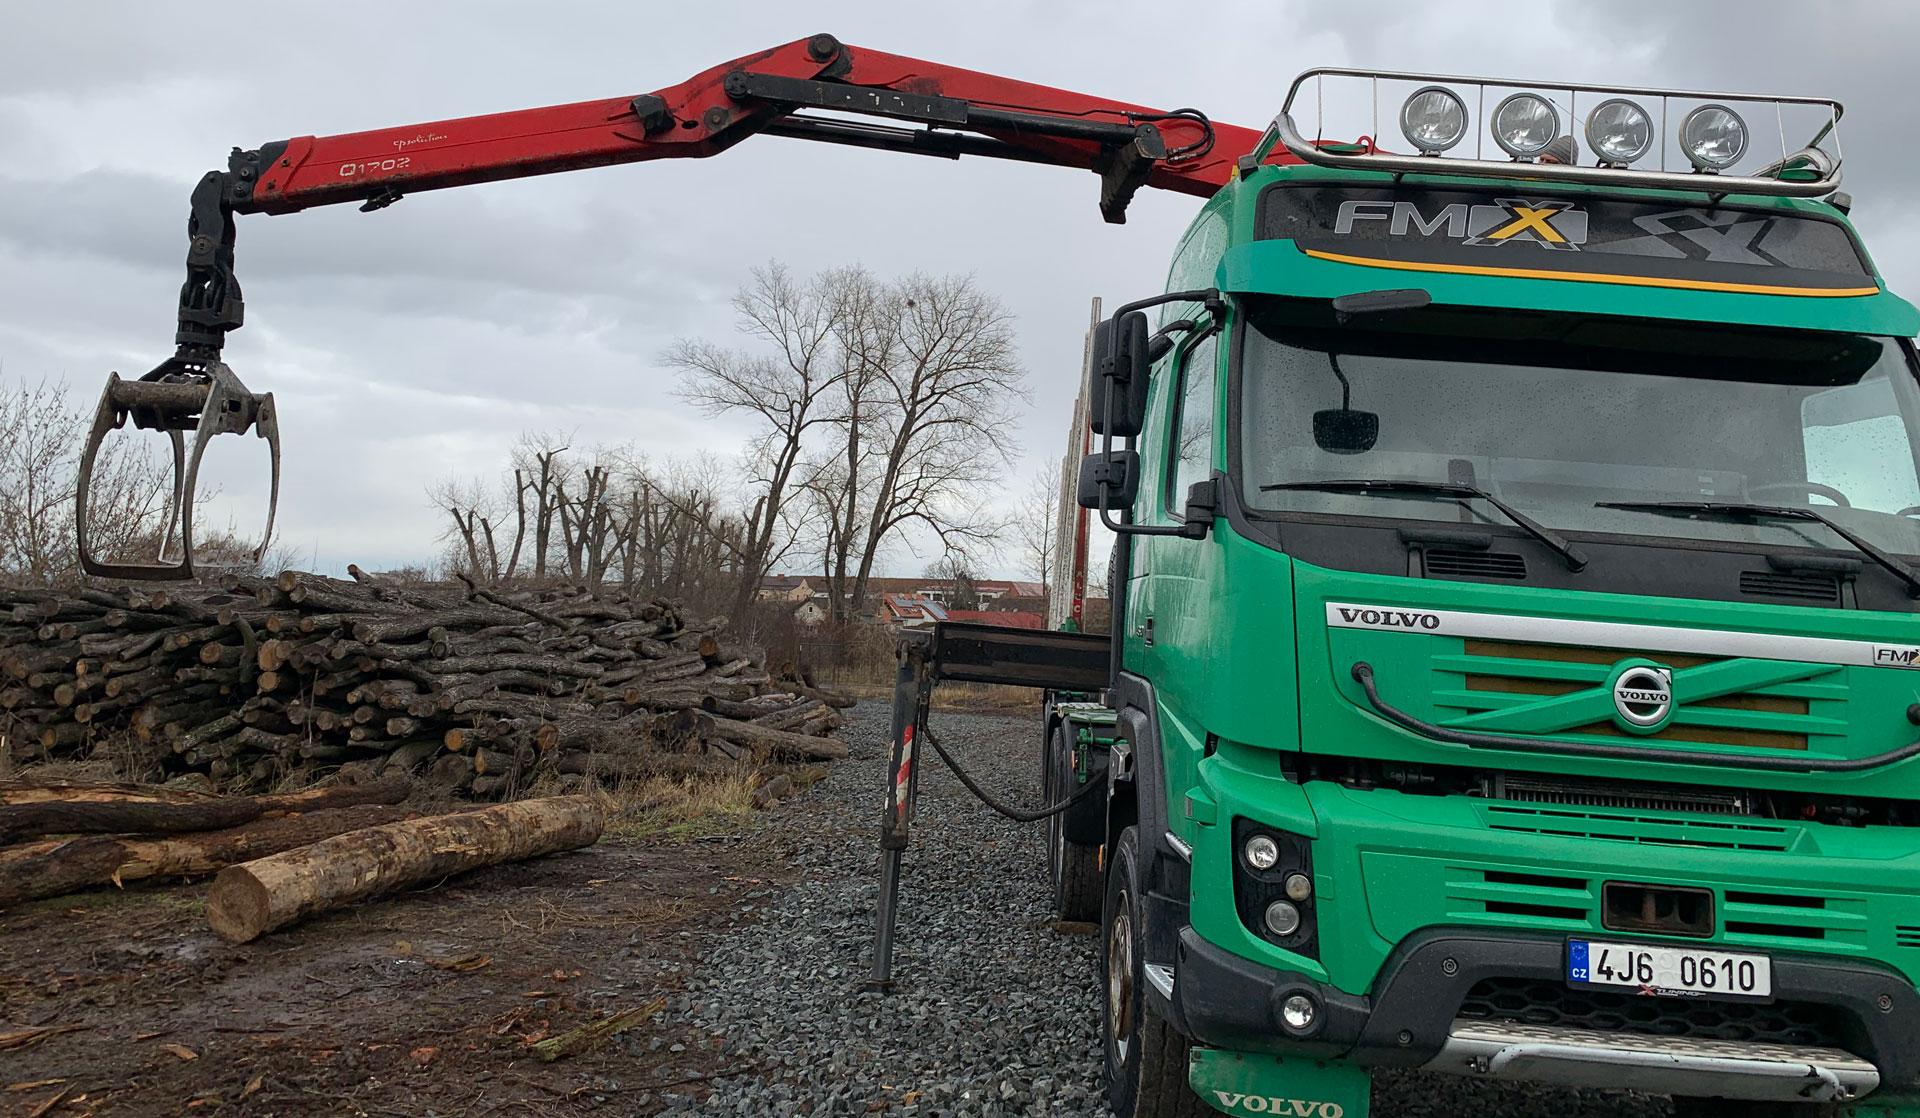 nakládání dřeva (palivového) na kamion mechanickou rukou